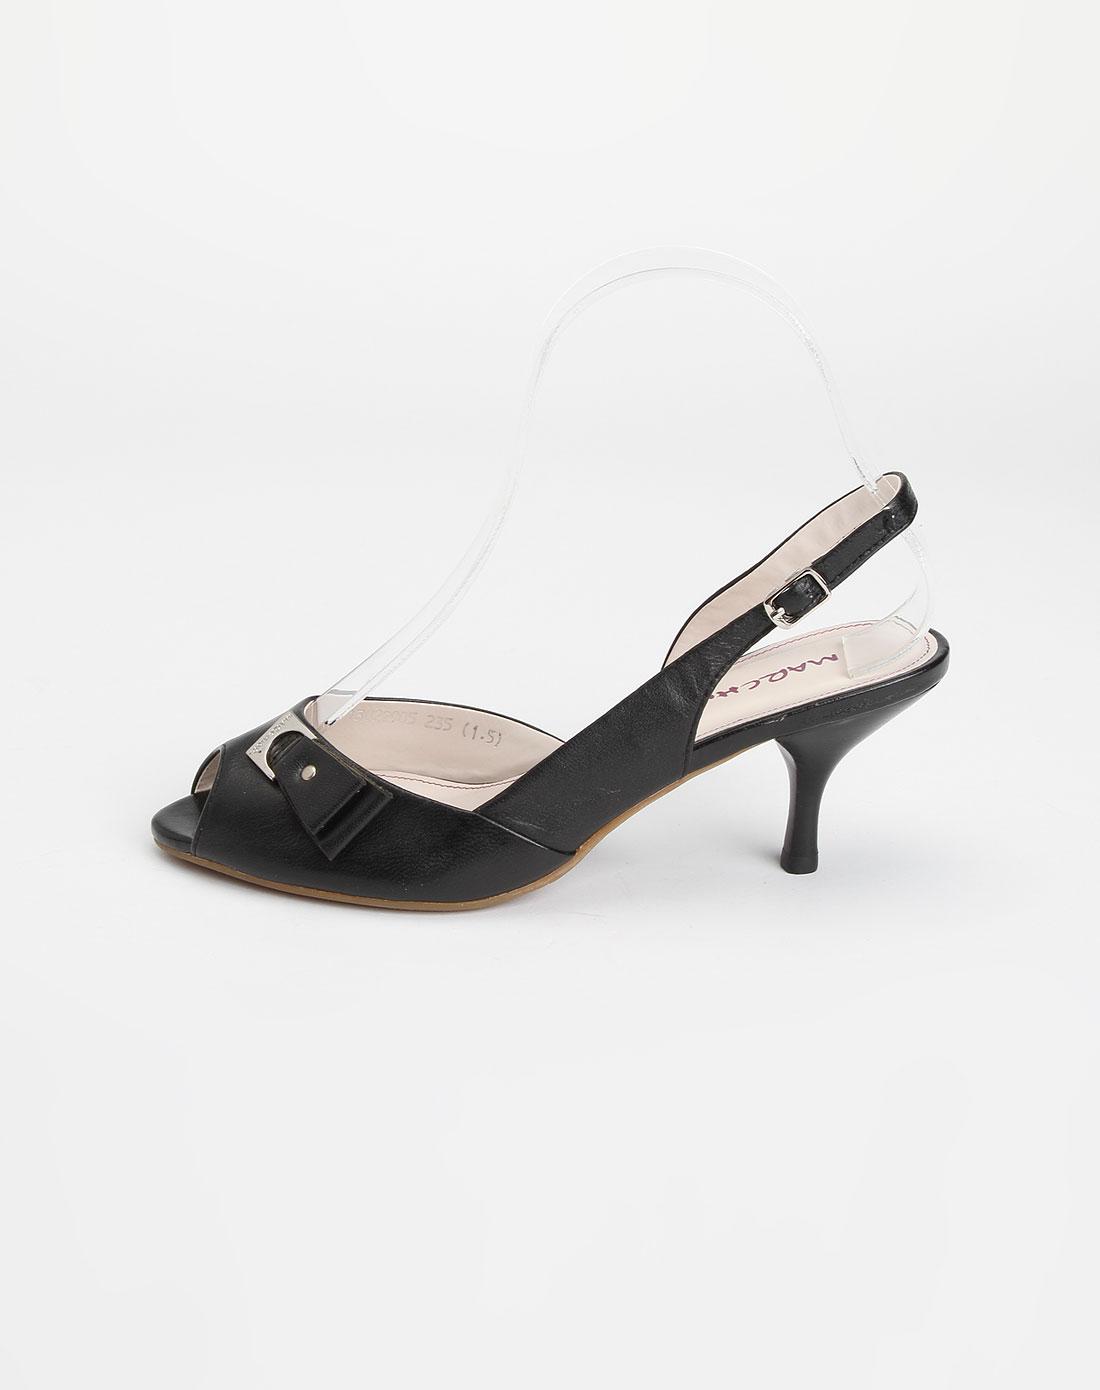 蜜丝罗妮marchiori黑色羊皮女凉鞋13022905-0001